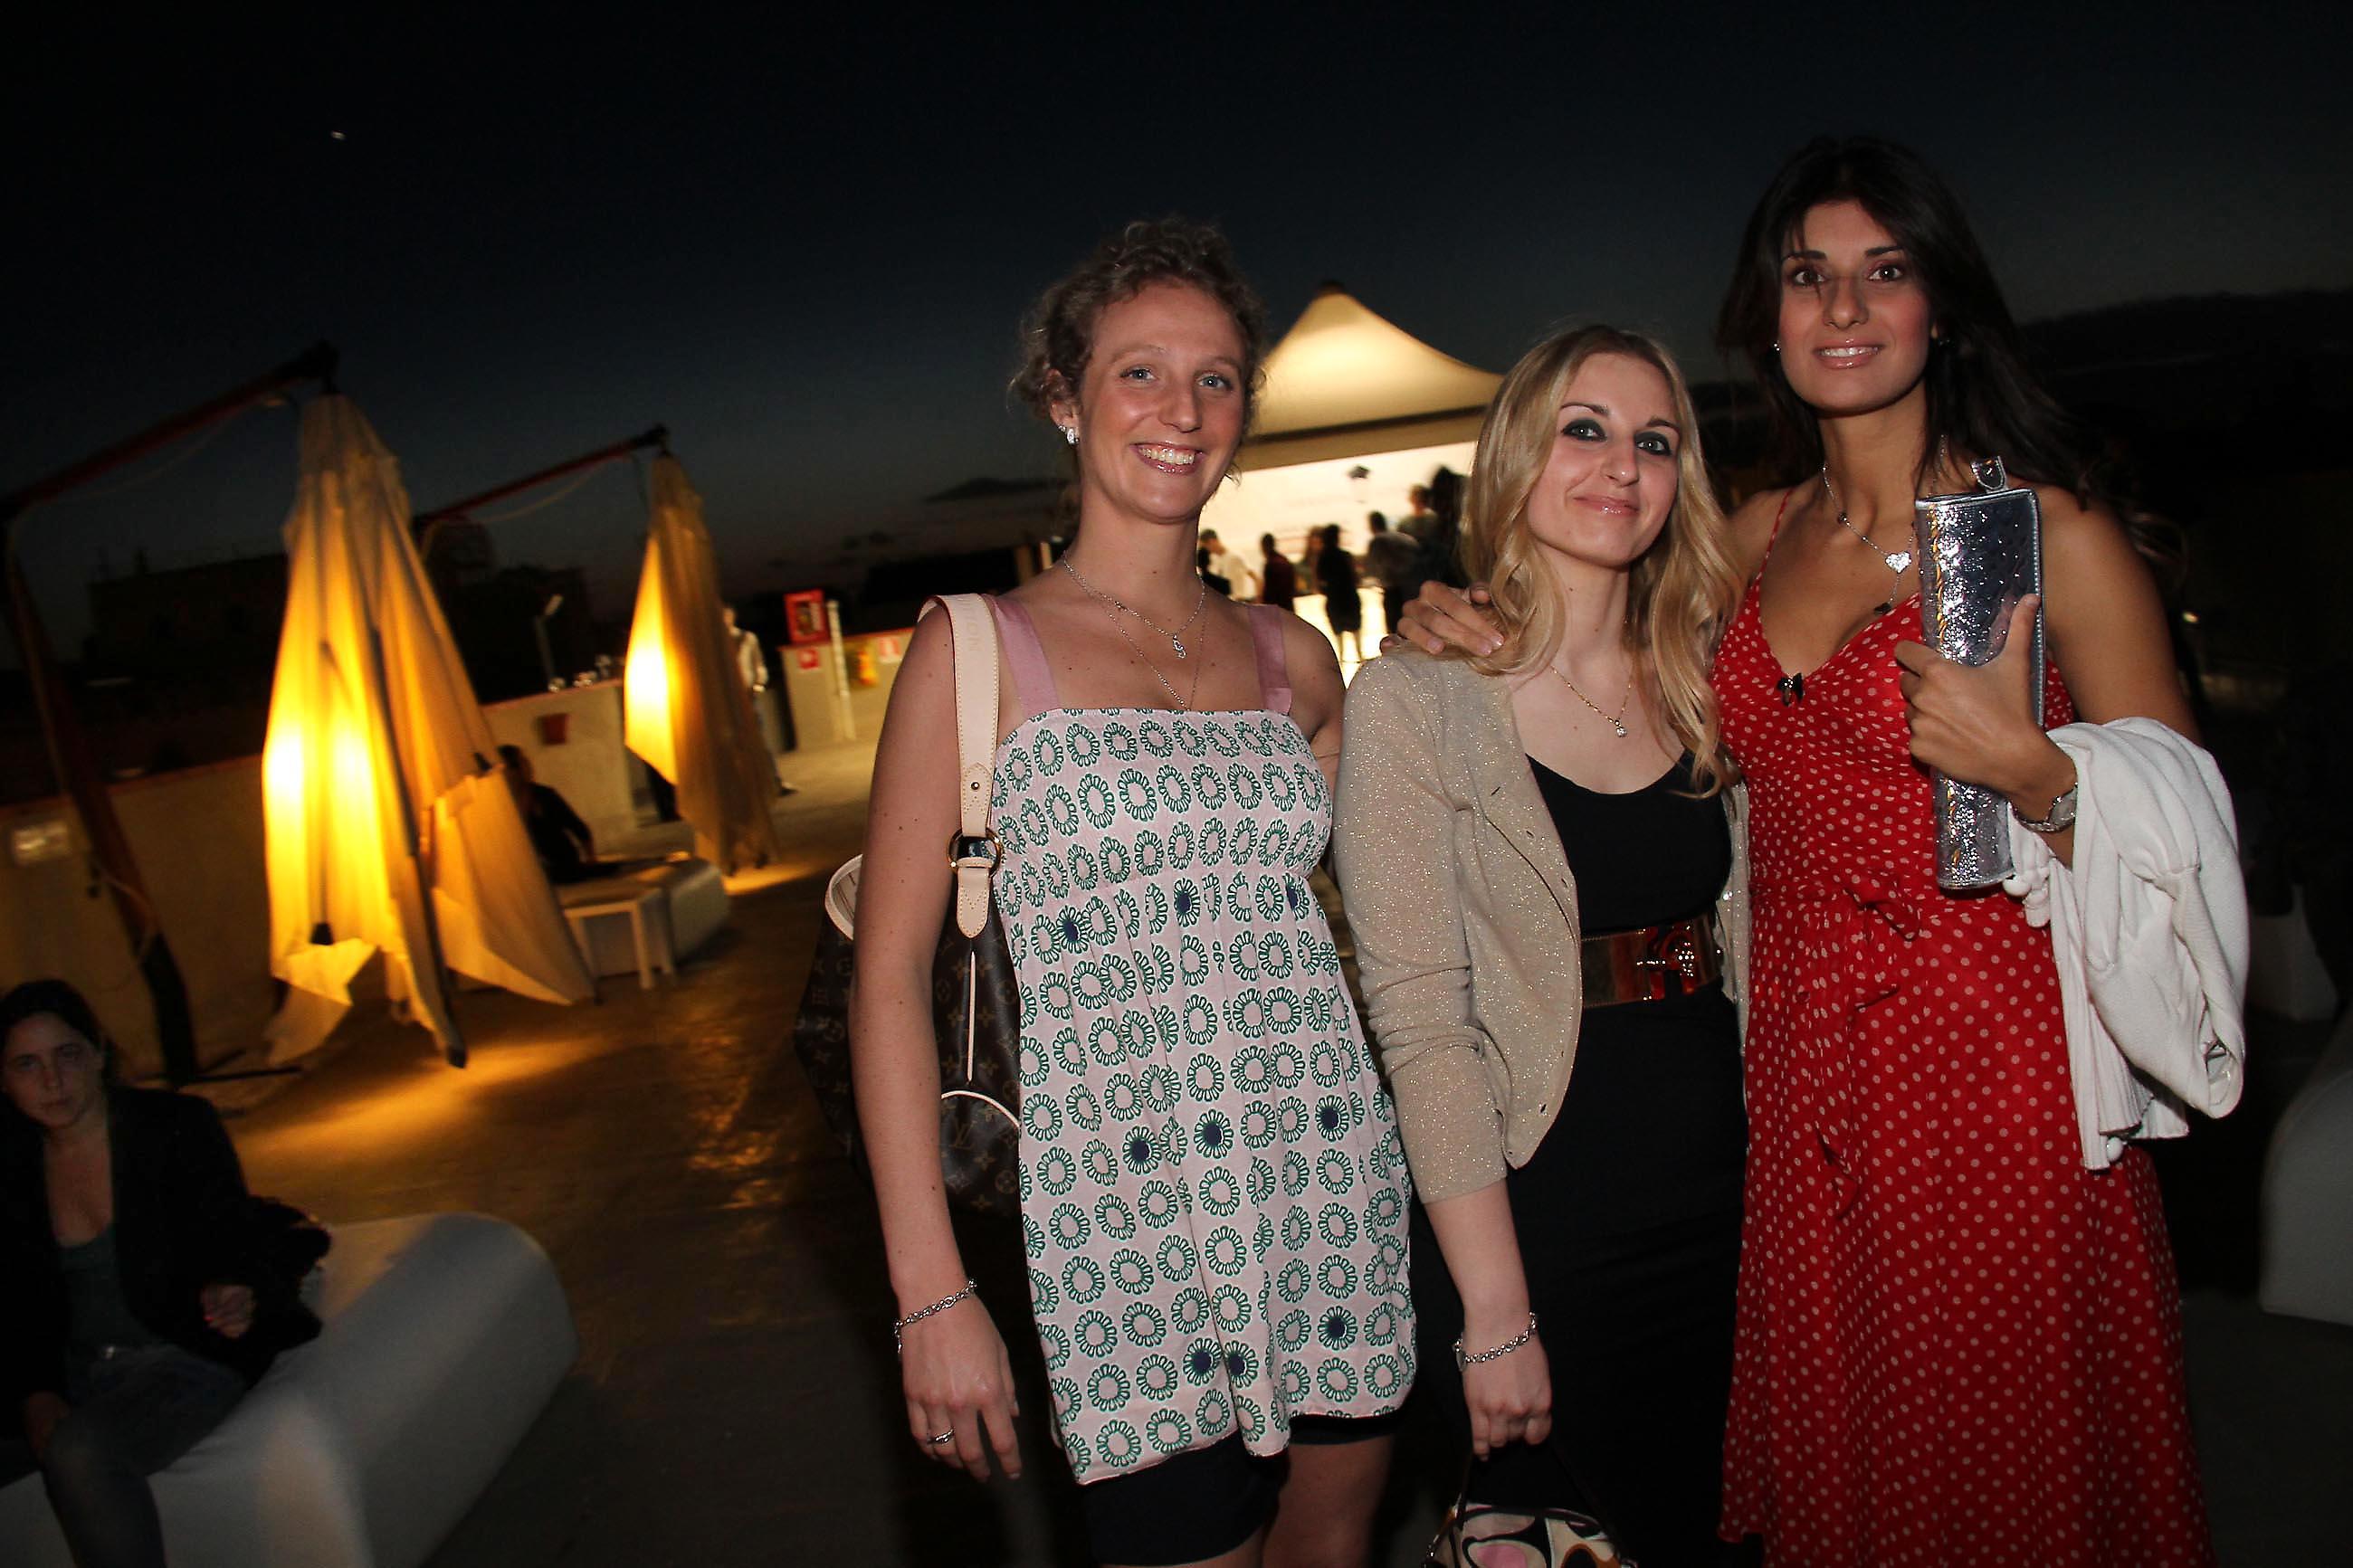 PRESSPHOTO Firenze, Garage Europa, evento Keep Wild. Nella foto Giuditta Marchi, Brenda Bertini, Claudia Tripodi